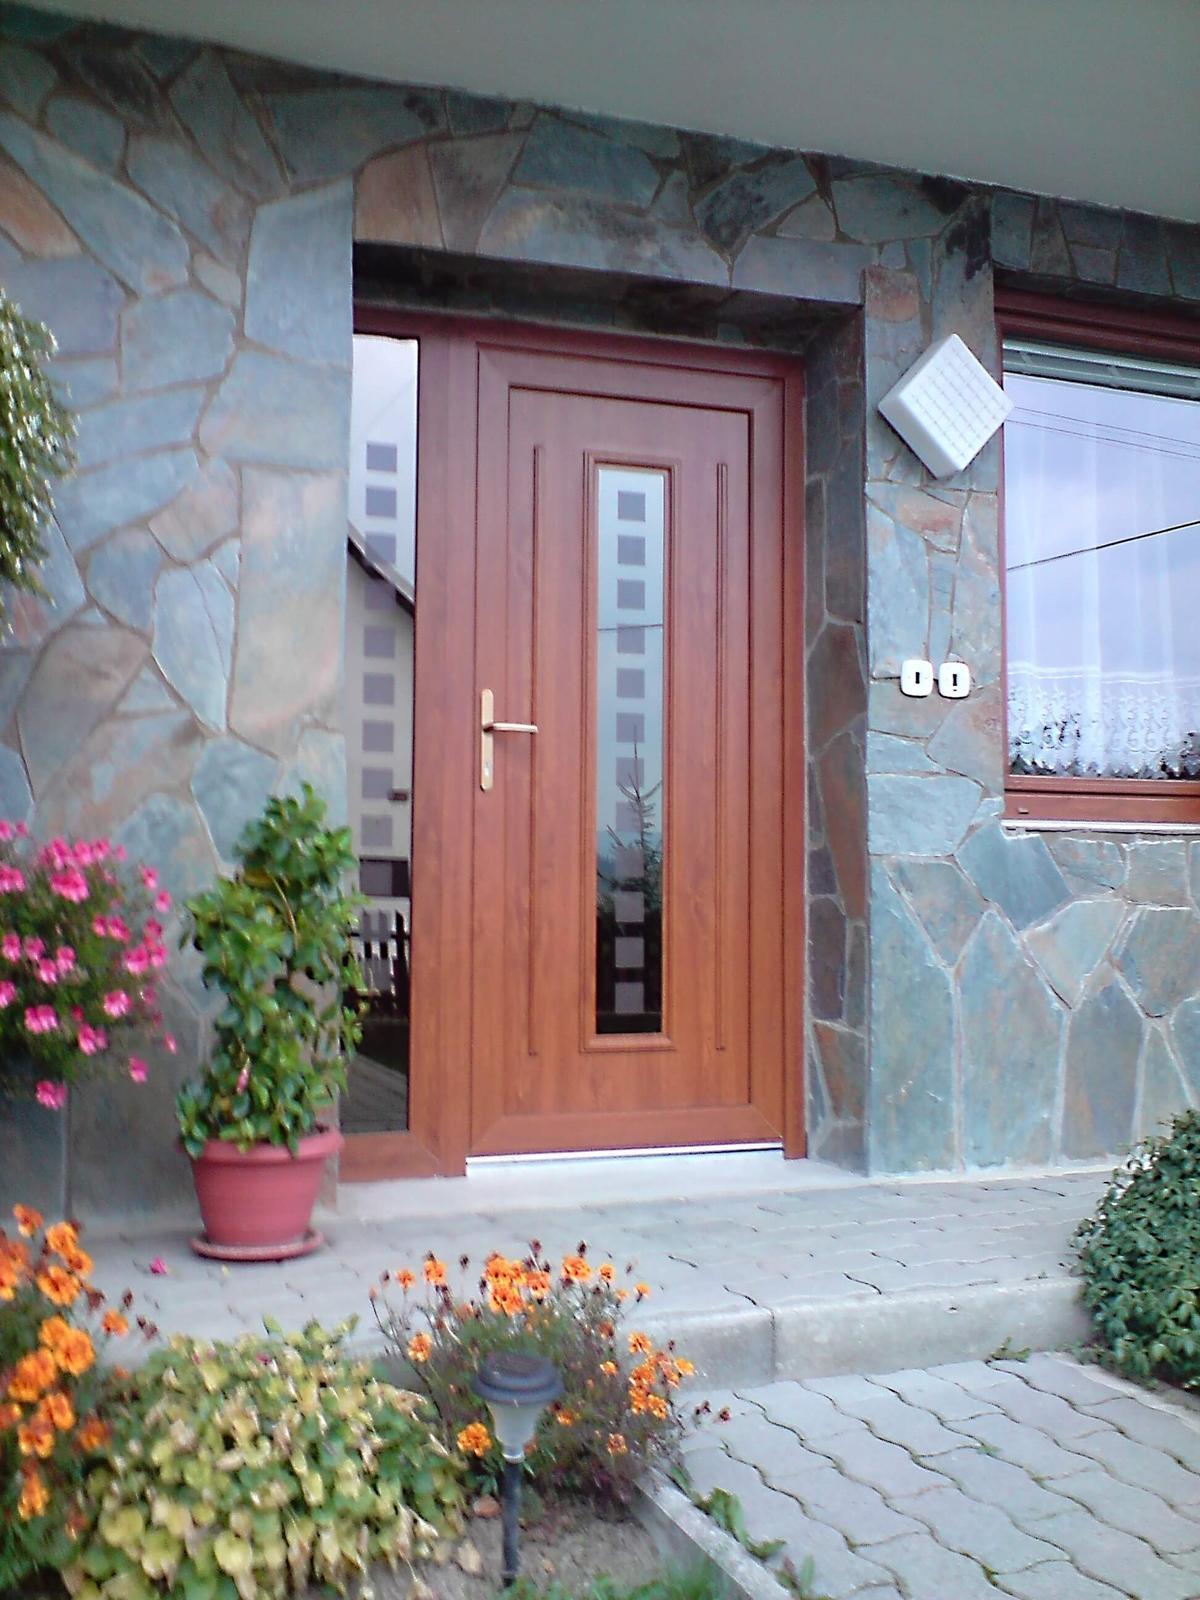 vchodove_dvere_gavaplast - Vchodové dveře s plastovou dveřní výplní GAVA 151 a s pískováním P1x12